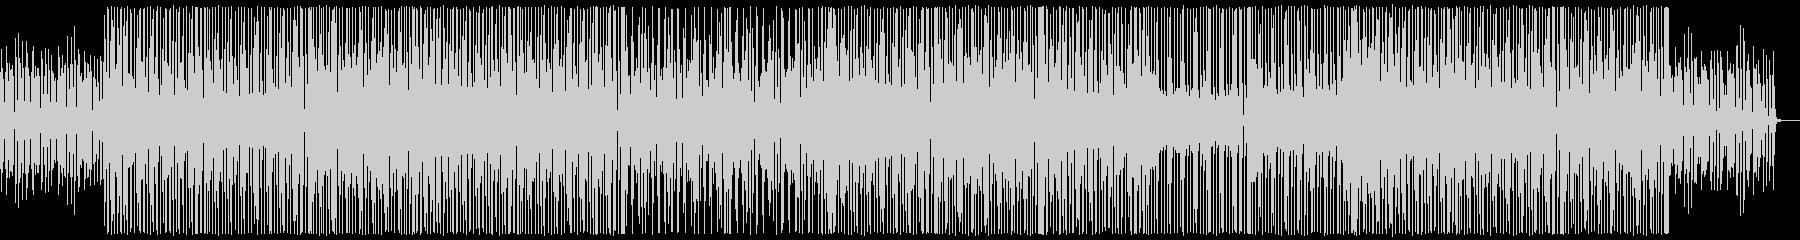 【ブラス抜き】小気味良いリズムの軽快なブの未再生の波形